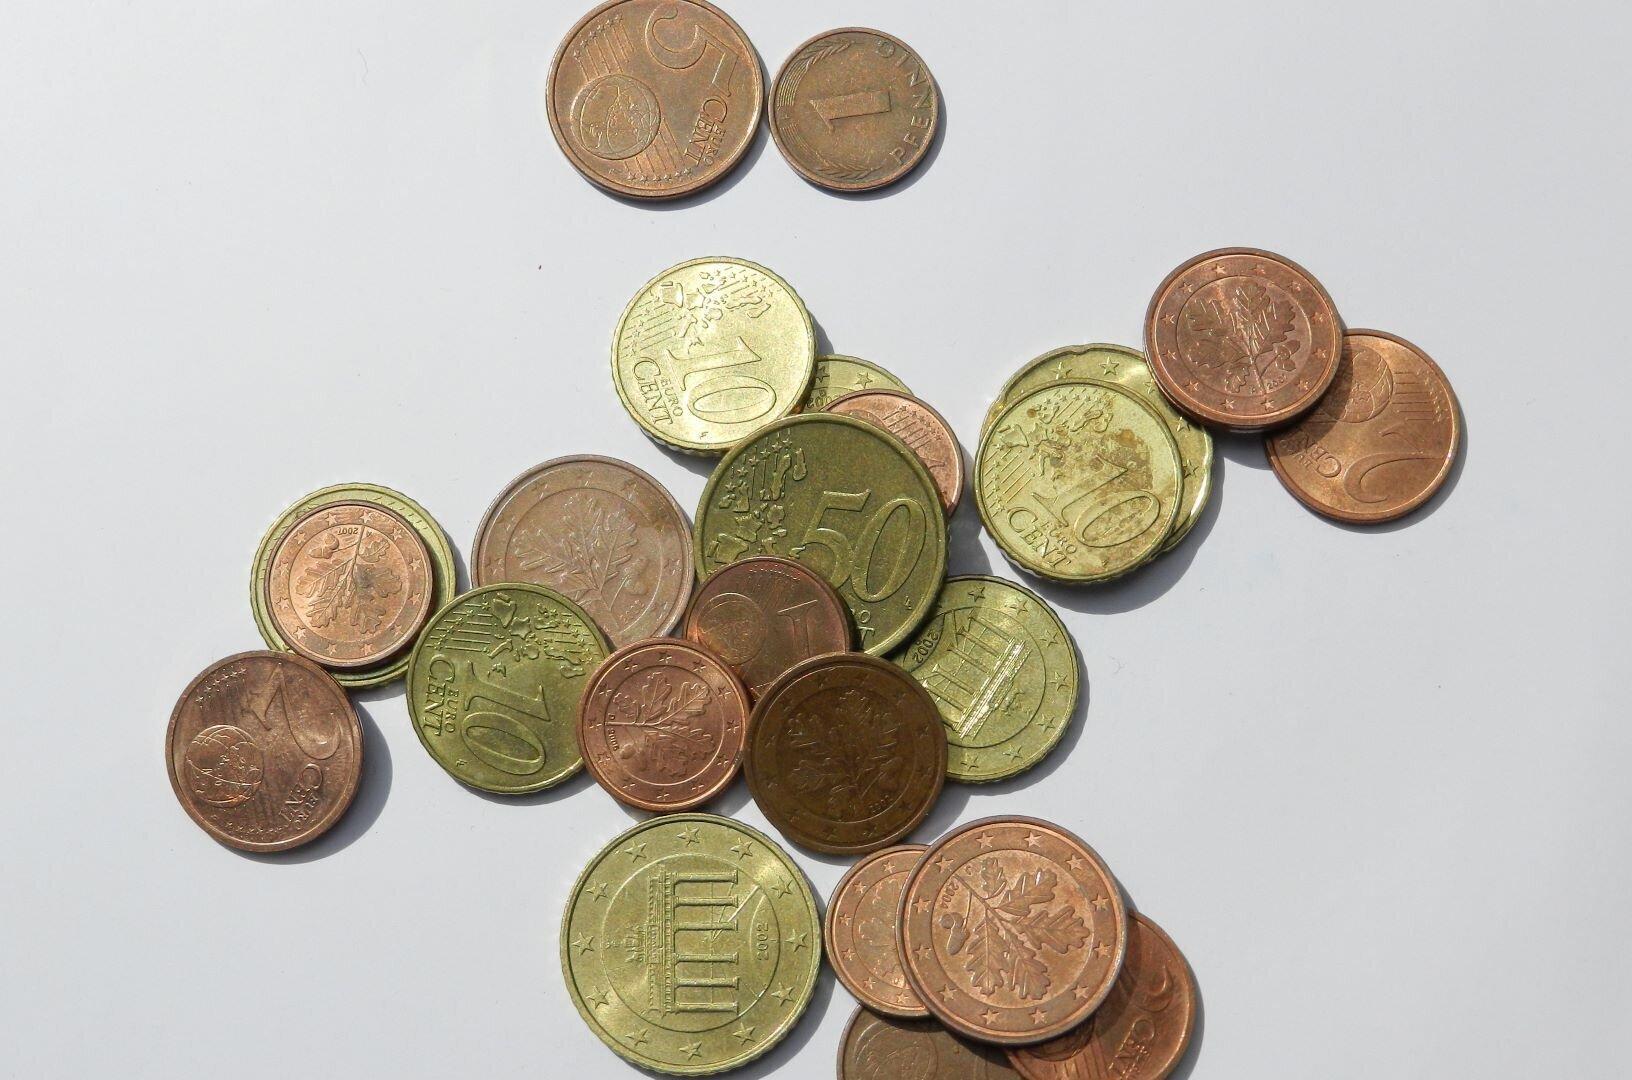 Unser Bild zeigt Kleingeld, welches symbolisch für den Verfügungsfonds stehen soll.